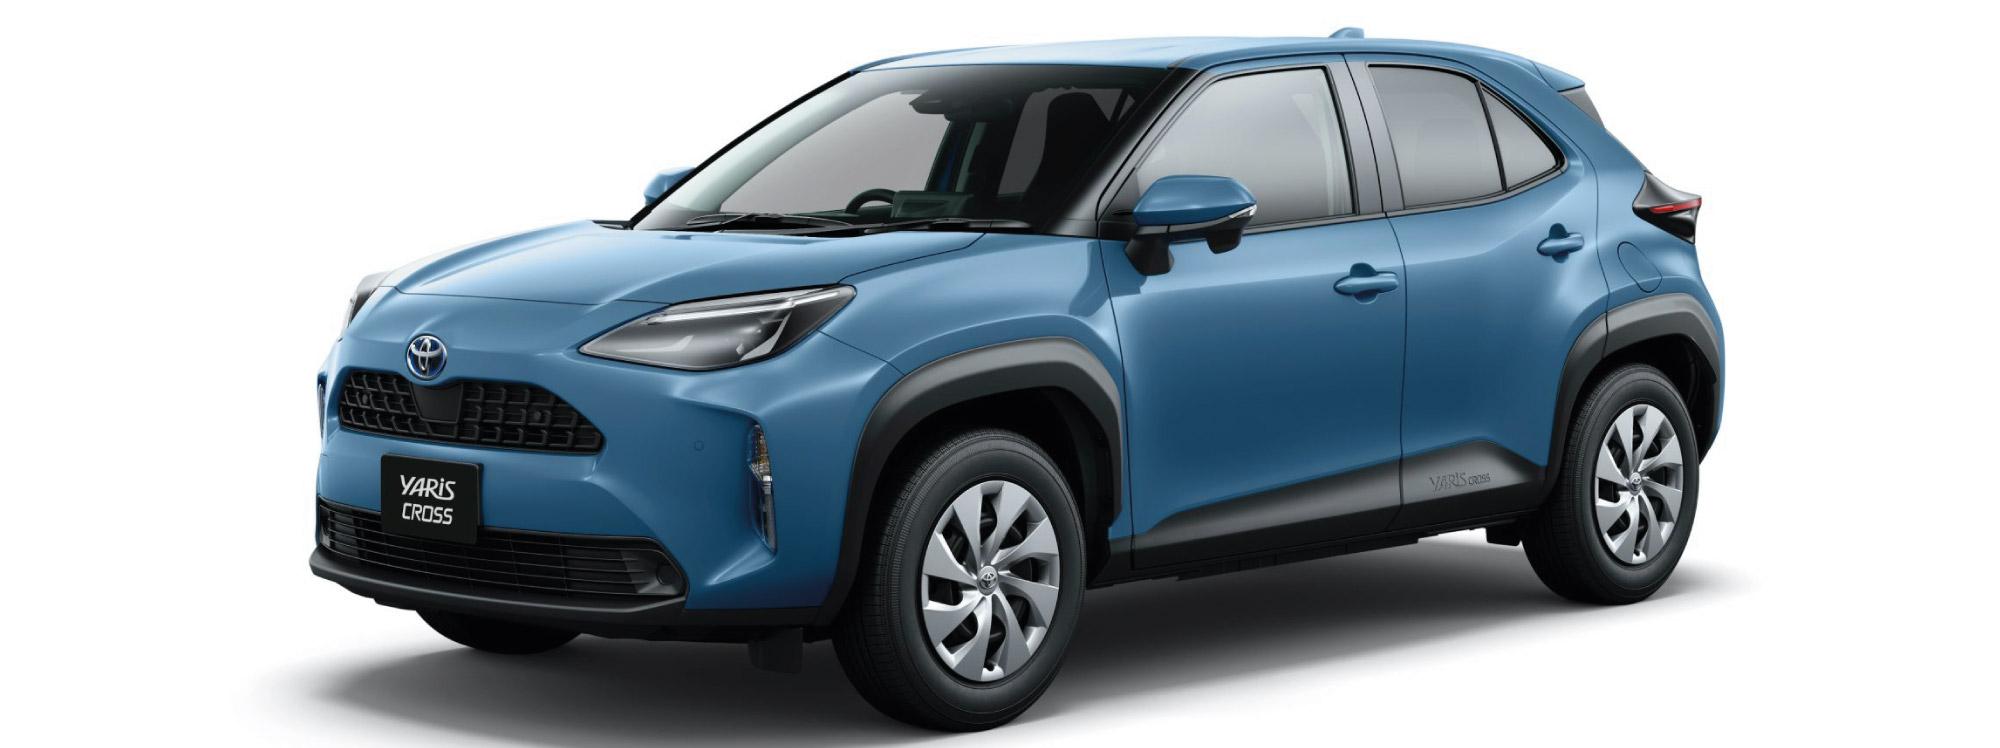 Toyota lanzó al mercado un nuevo SUV compacto